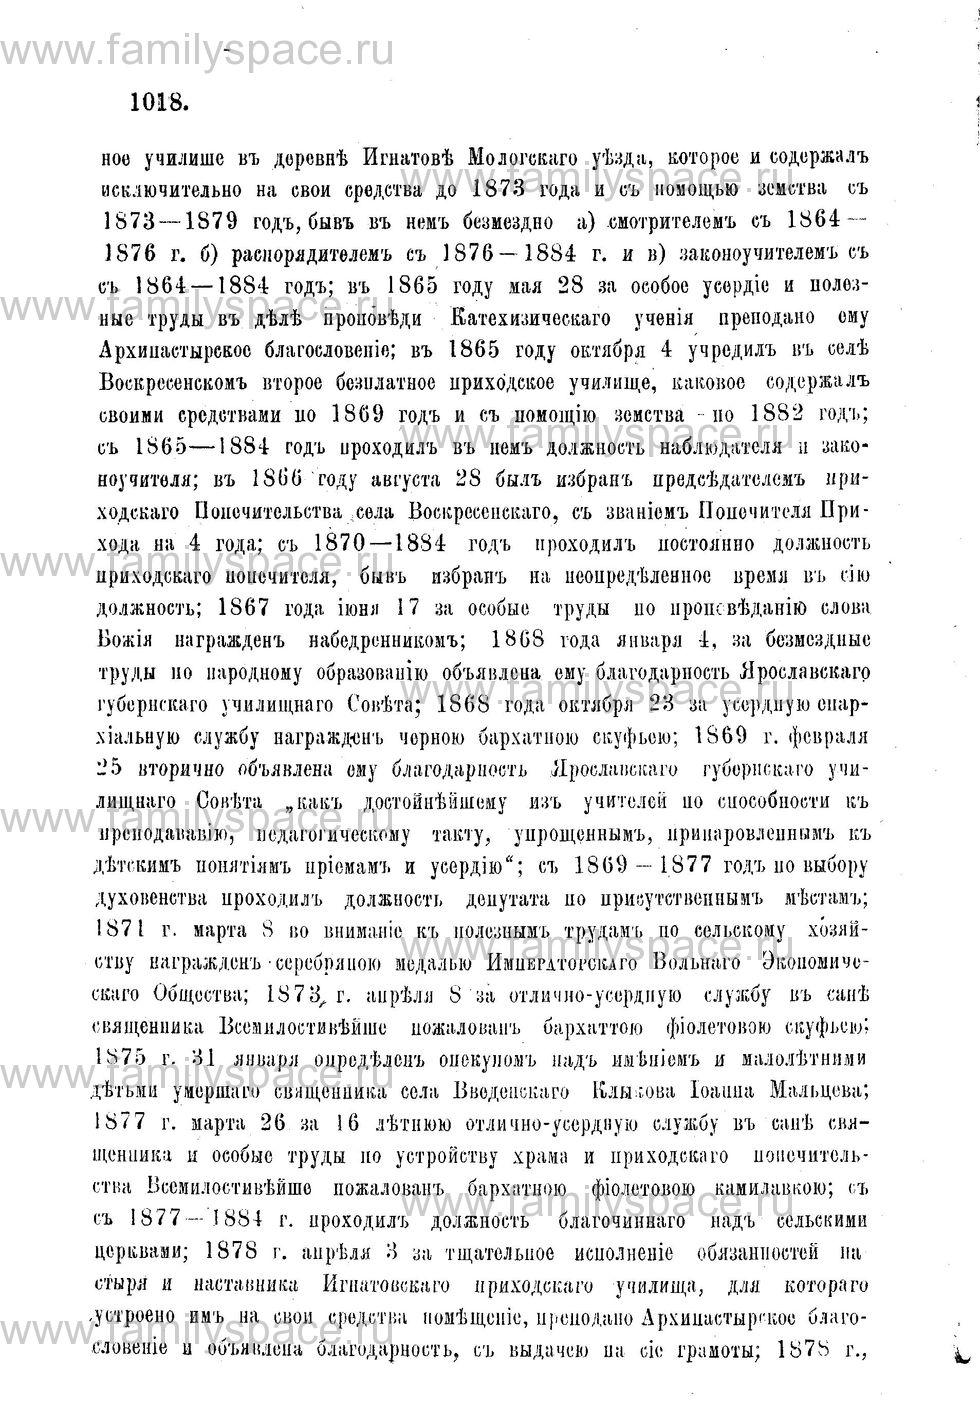 Поиск по фамилии - Адрес-календарь Нижегородской епархии на 1888 год, страница 2018